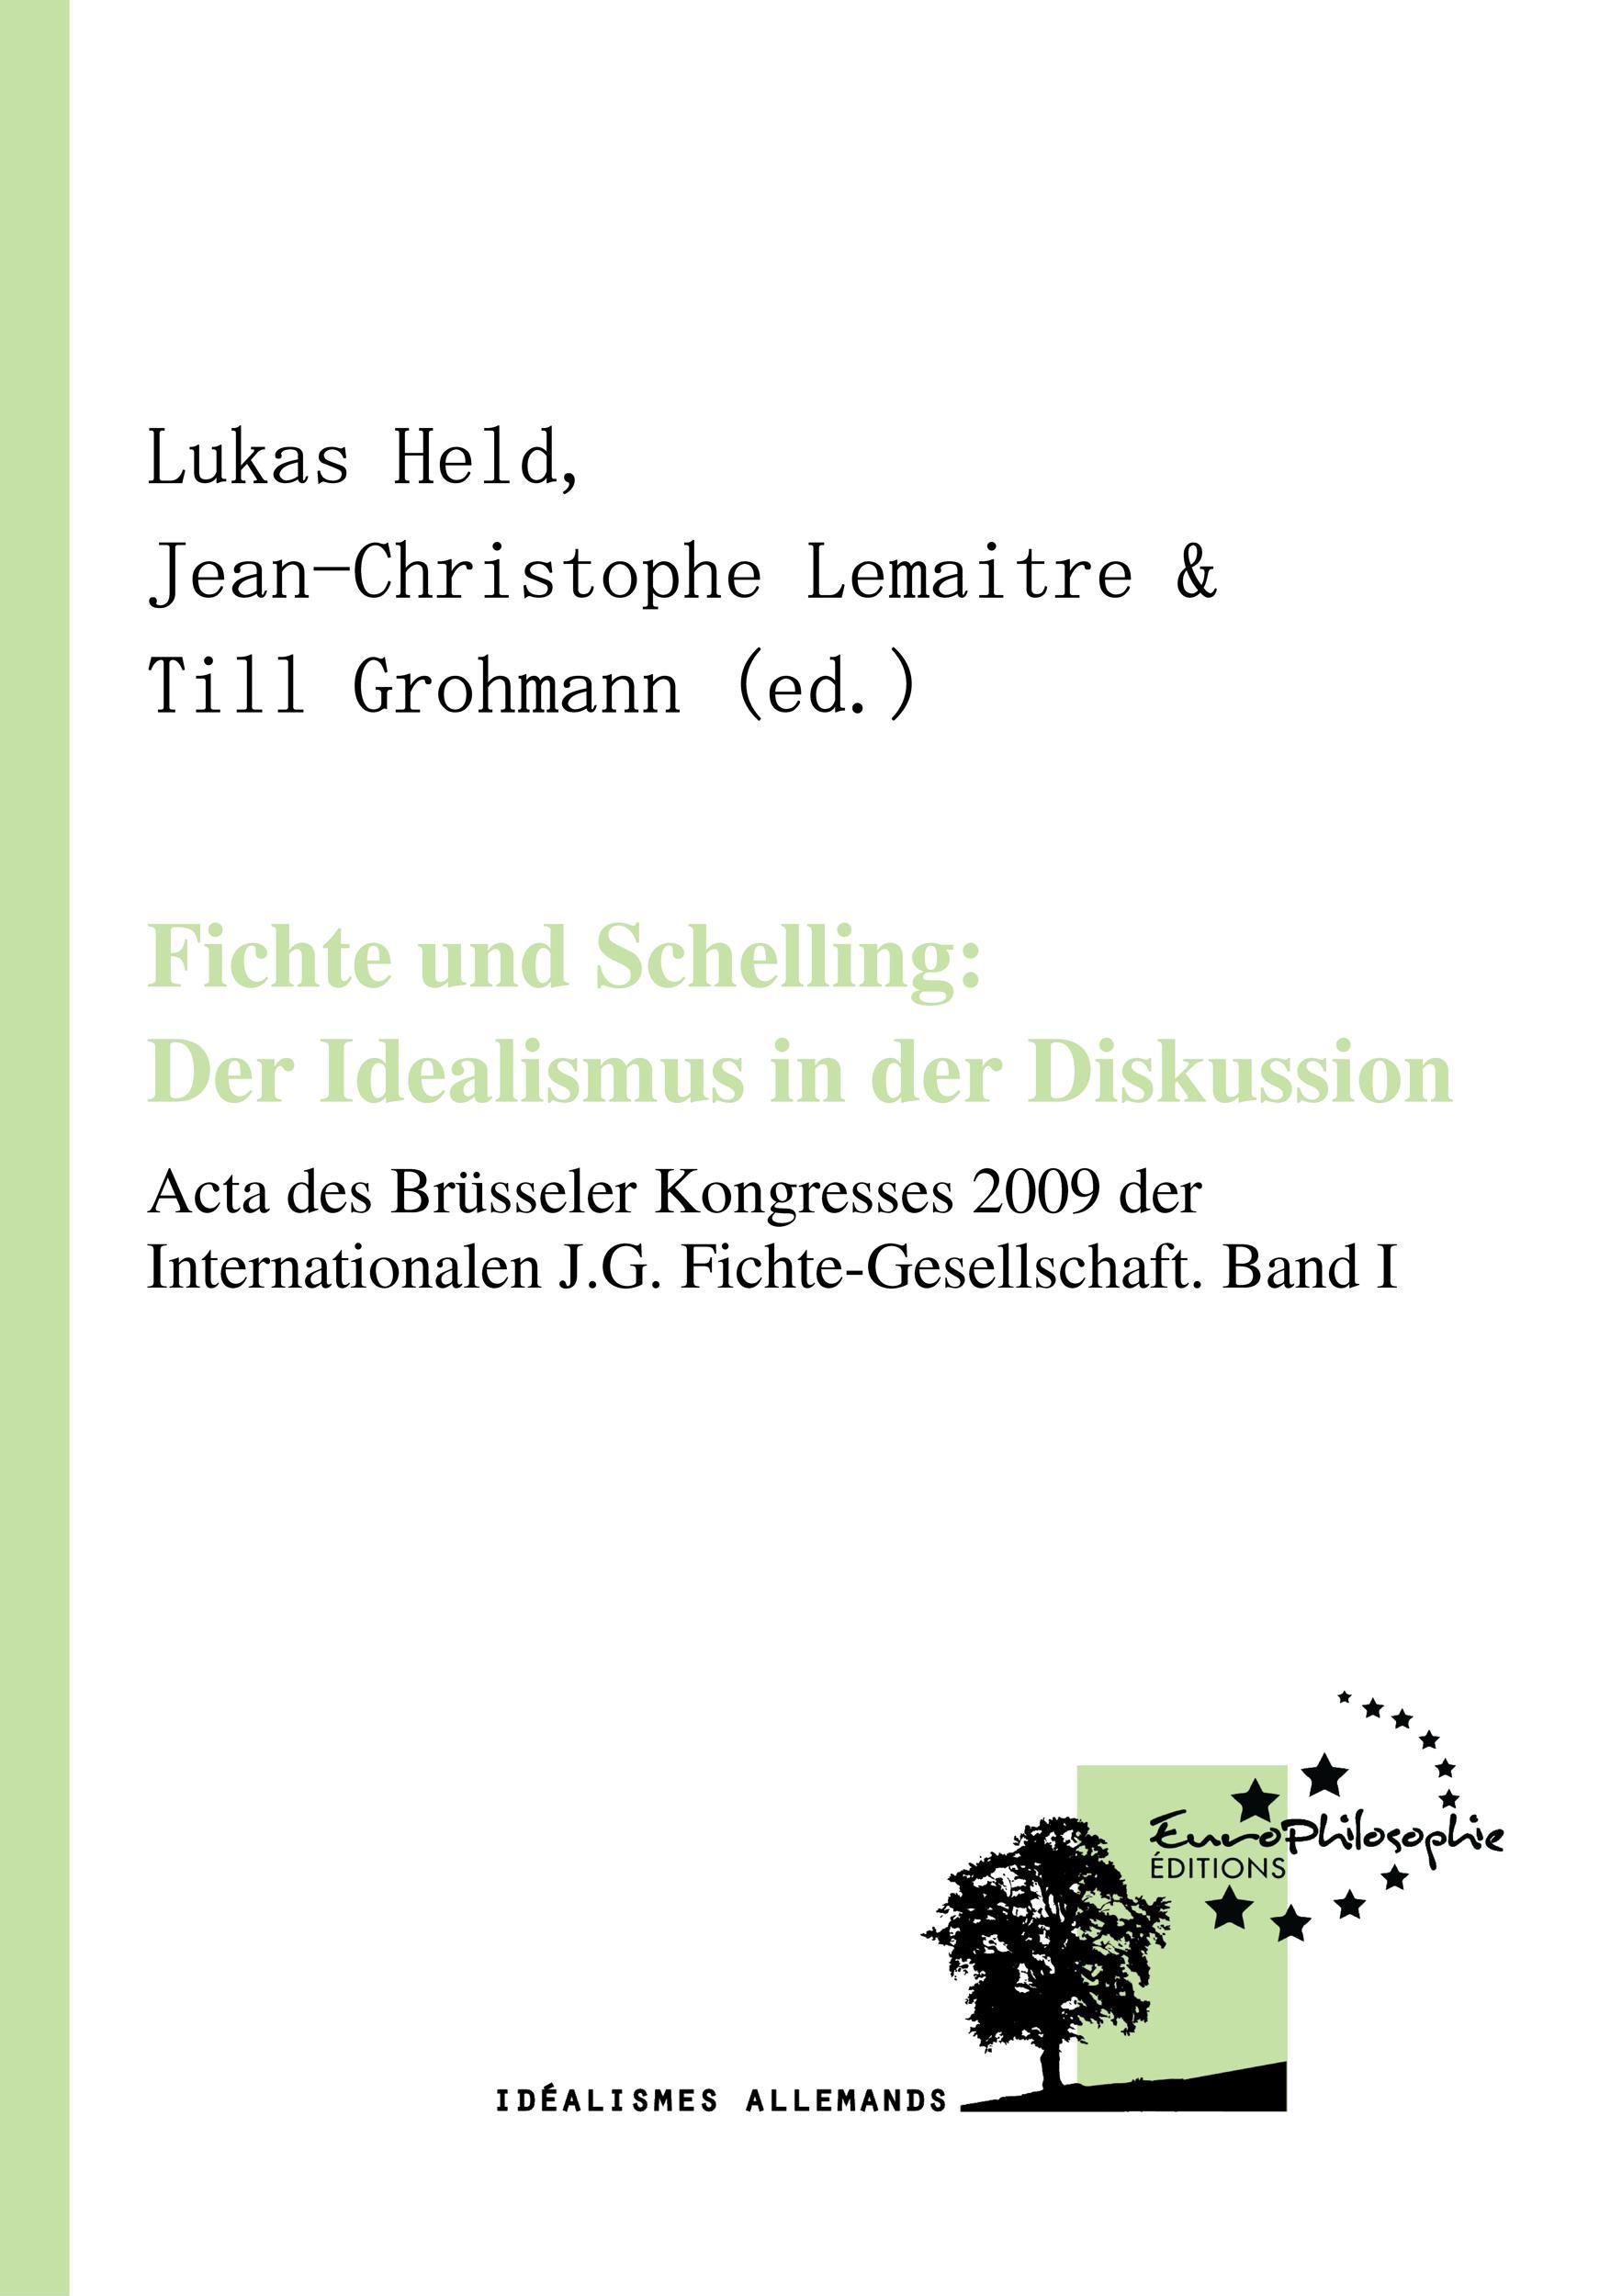 Fichte und Schelling: Der Idealismus in der Diskussion. Volume I, ACTA DES BRÜSSELER KONGRESSES 2009 DER INTERNATIONALEN J.G. FICHTE-GESELLSCHAFT